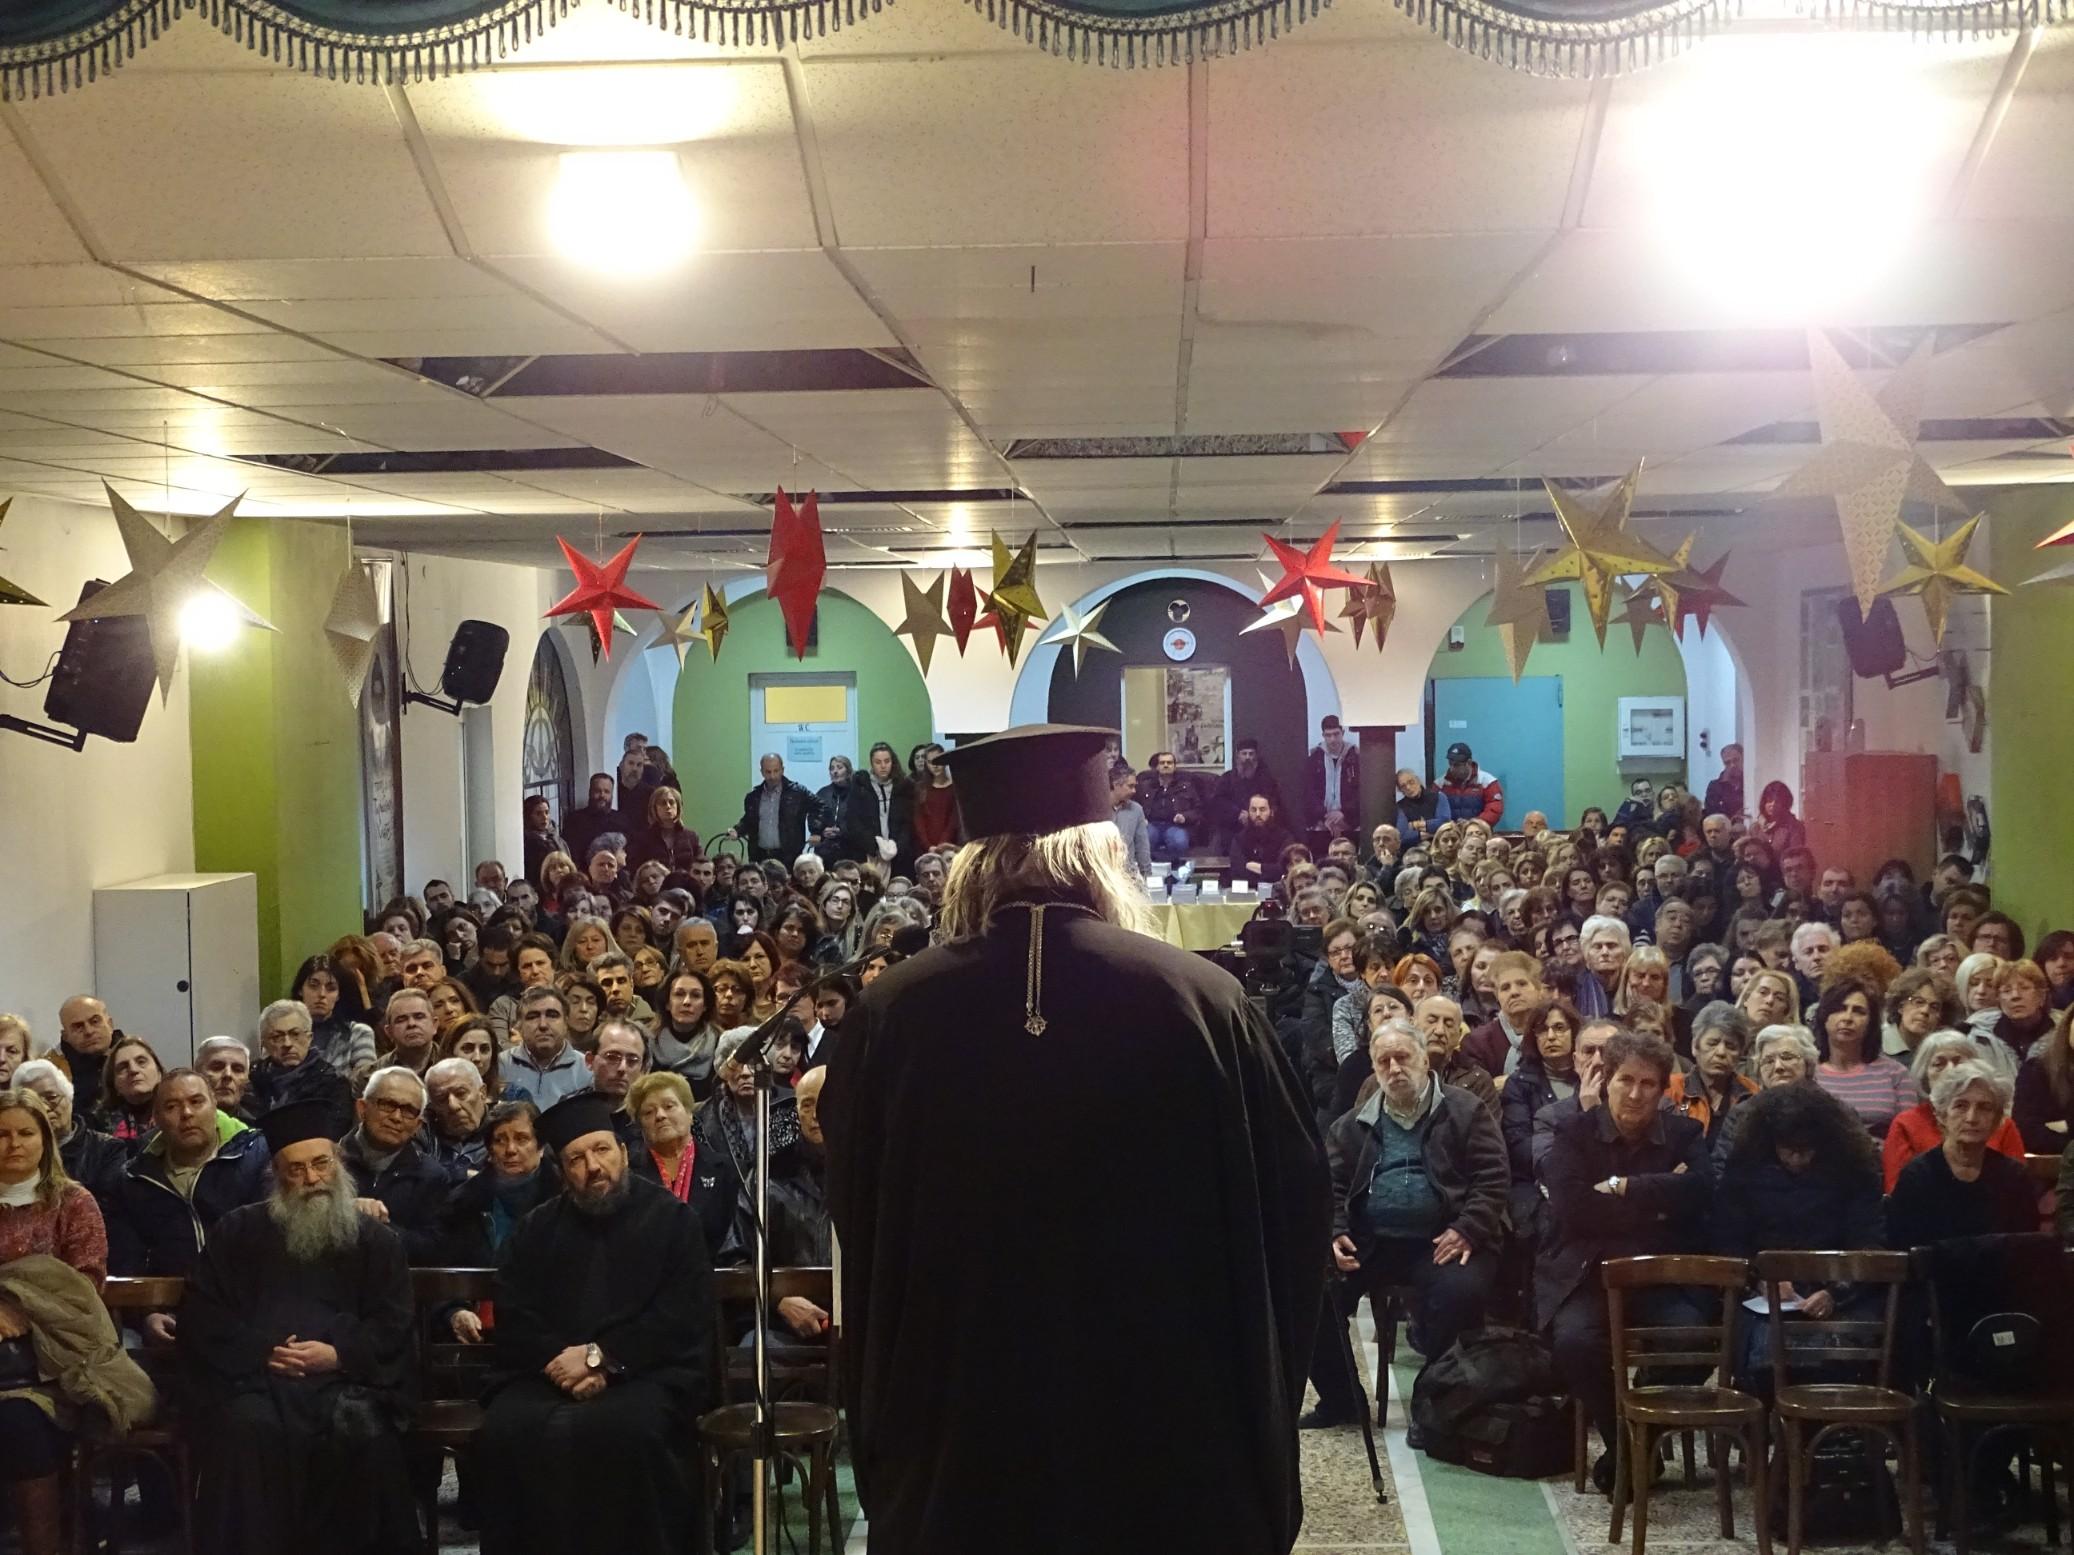 Ο Σεβασμιώτατος Μητροπολίτης Αργολίδος, κ. Νεκτάριος, στην Κατακόμβη